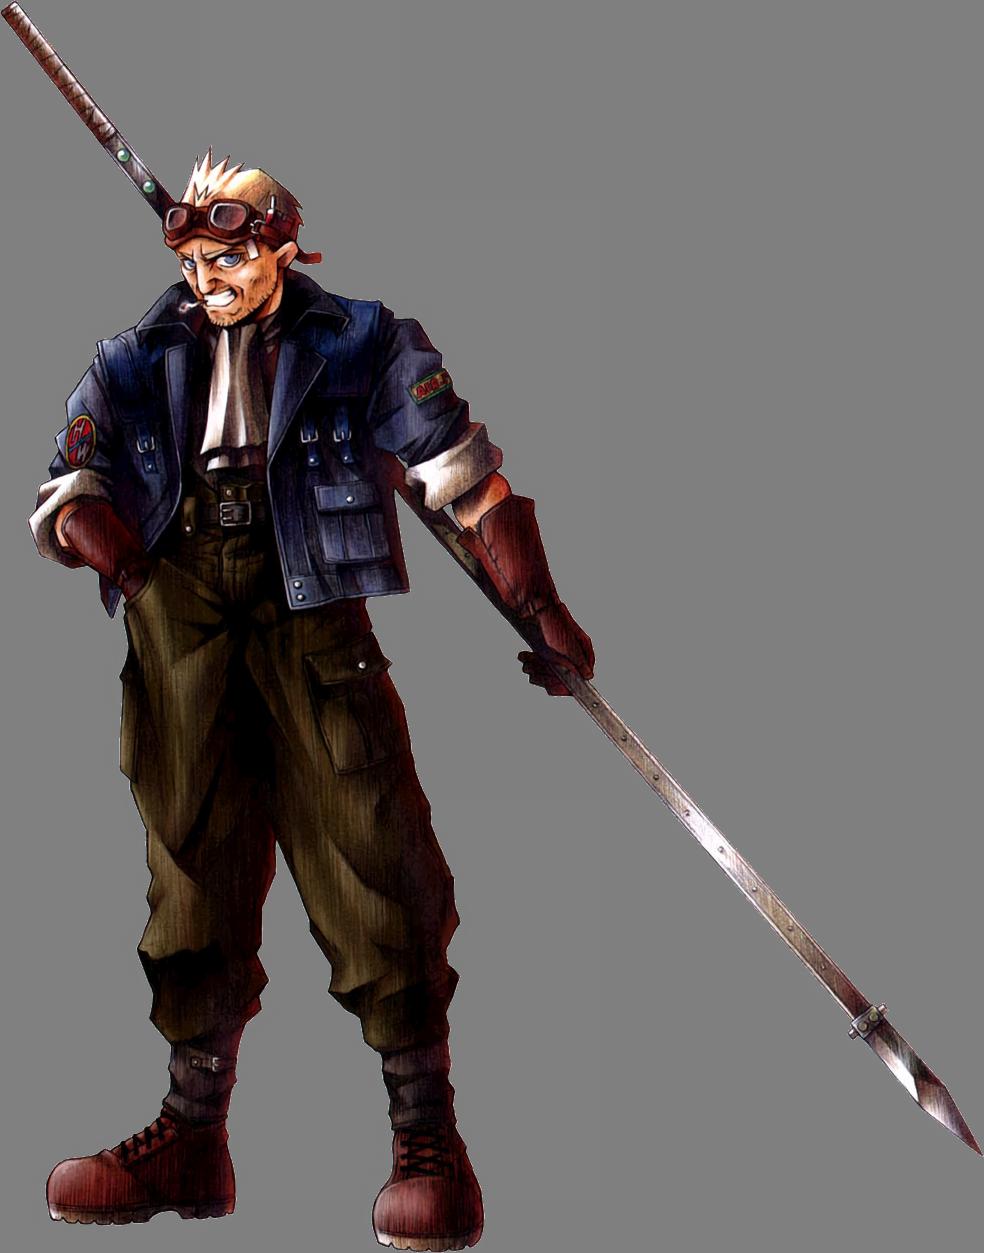 Final Fantasy VII (PS1/PC/PSN) CidHighwind-FFVIIArt